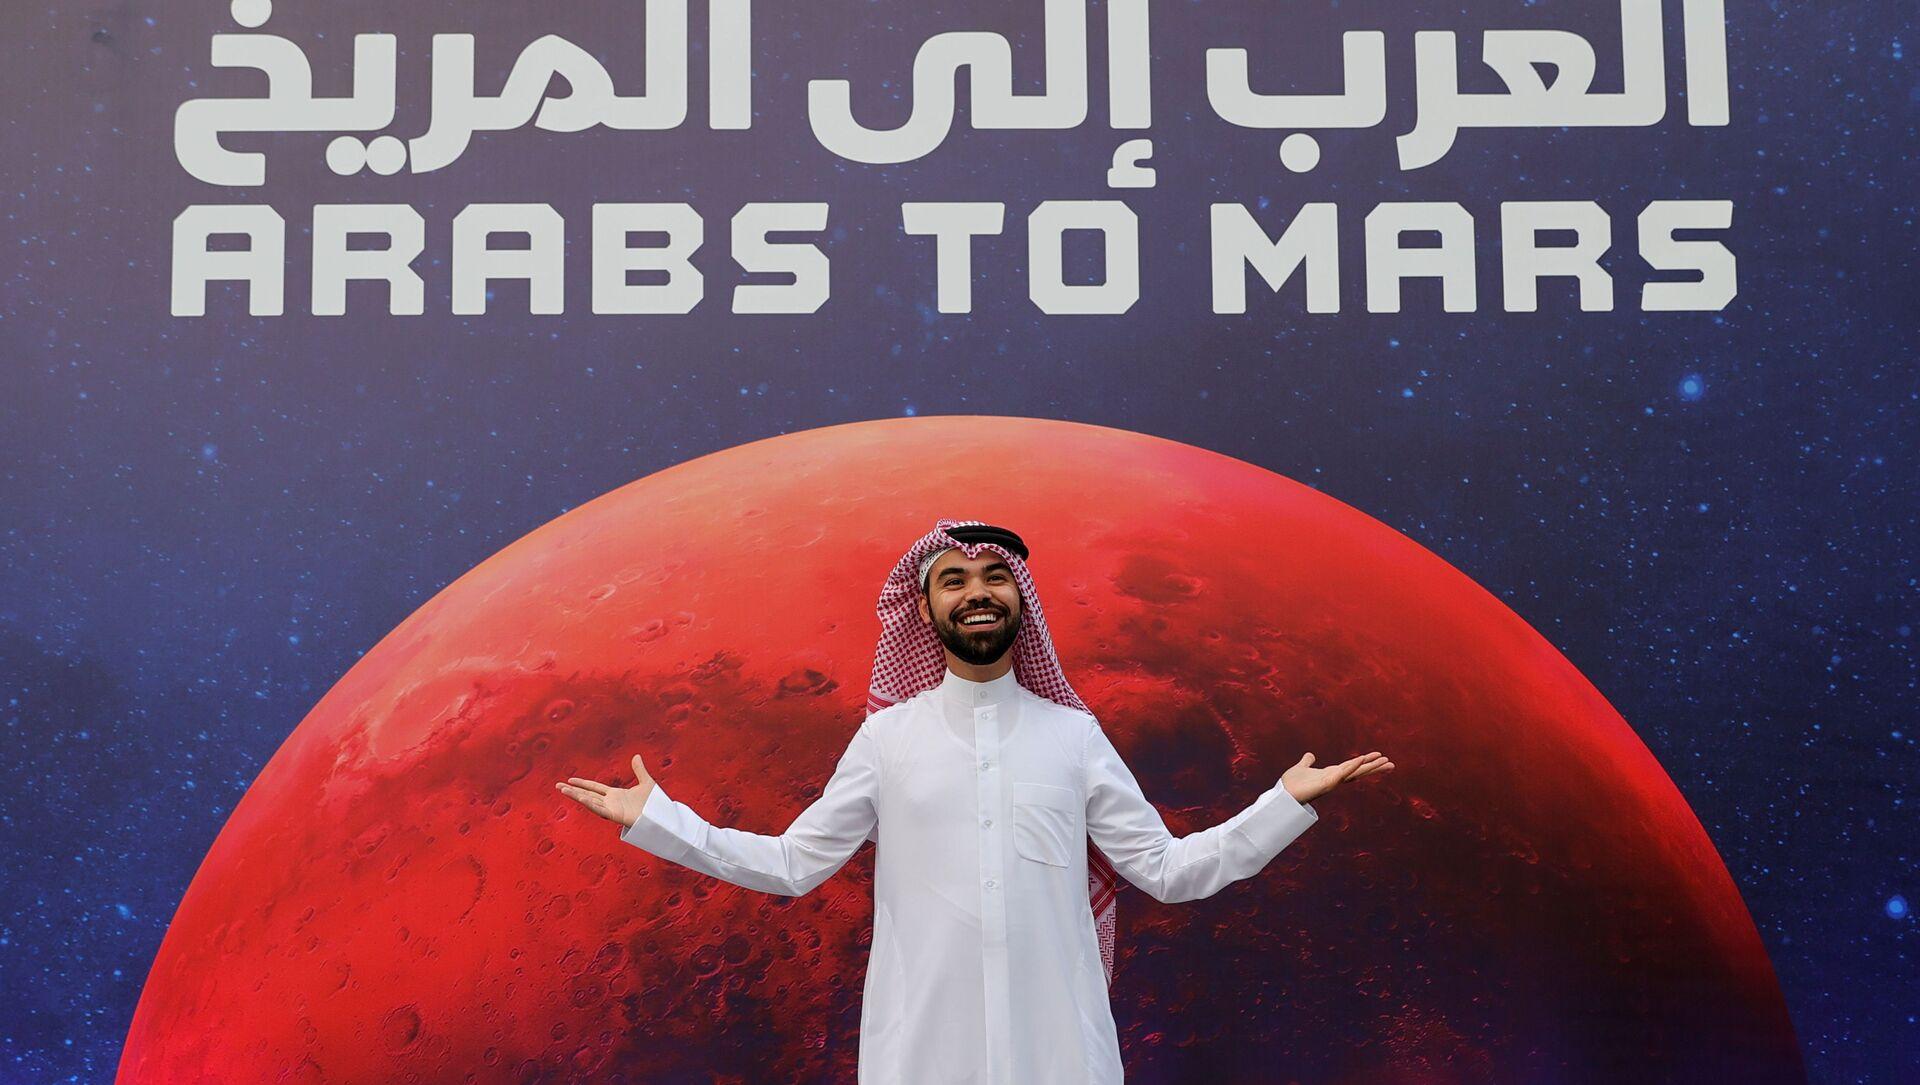 Birleşik Arap Emirlikleri'nin (BAE)Mars'a gönderdiği 'Hope (Umut)' adı verilen uydu aracının başarıyla Marsyörüngesineyerleştiği belirtilirken, BAE bunu yapabilen ilk Arap ülkesi oldu. - Sputnik Türkiye, 1920, 01.07.2021